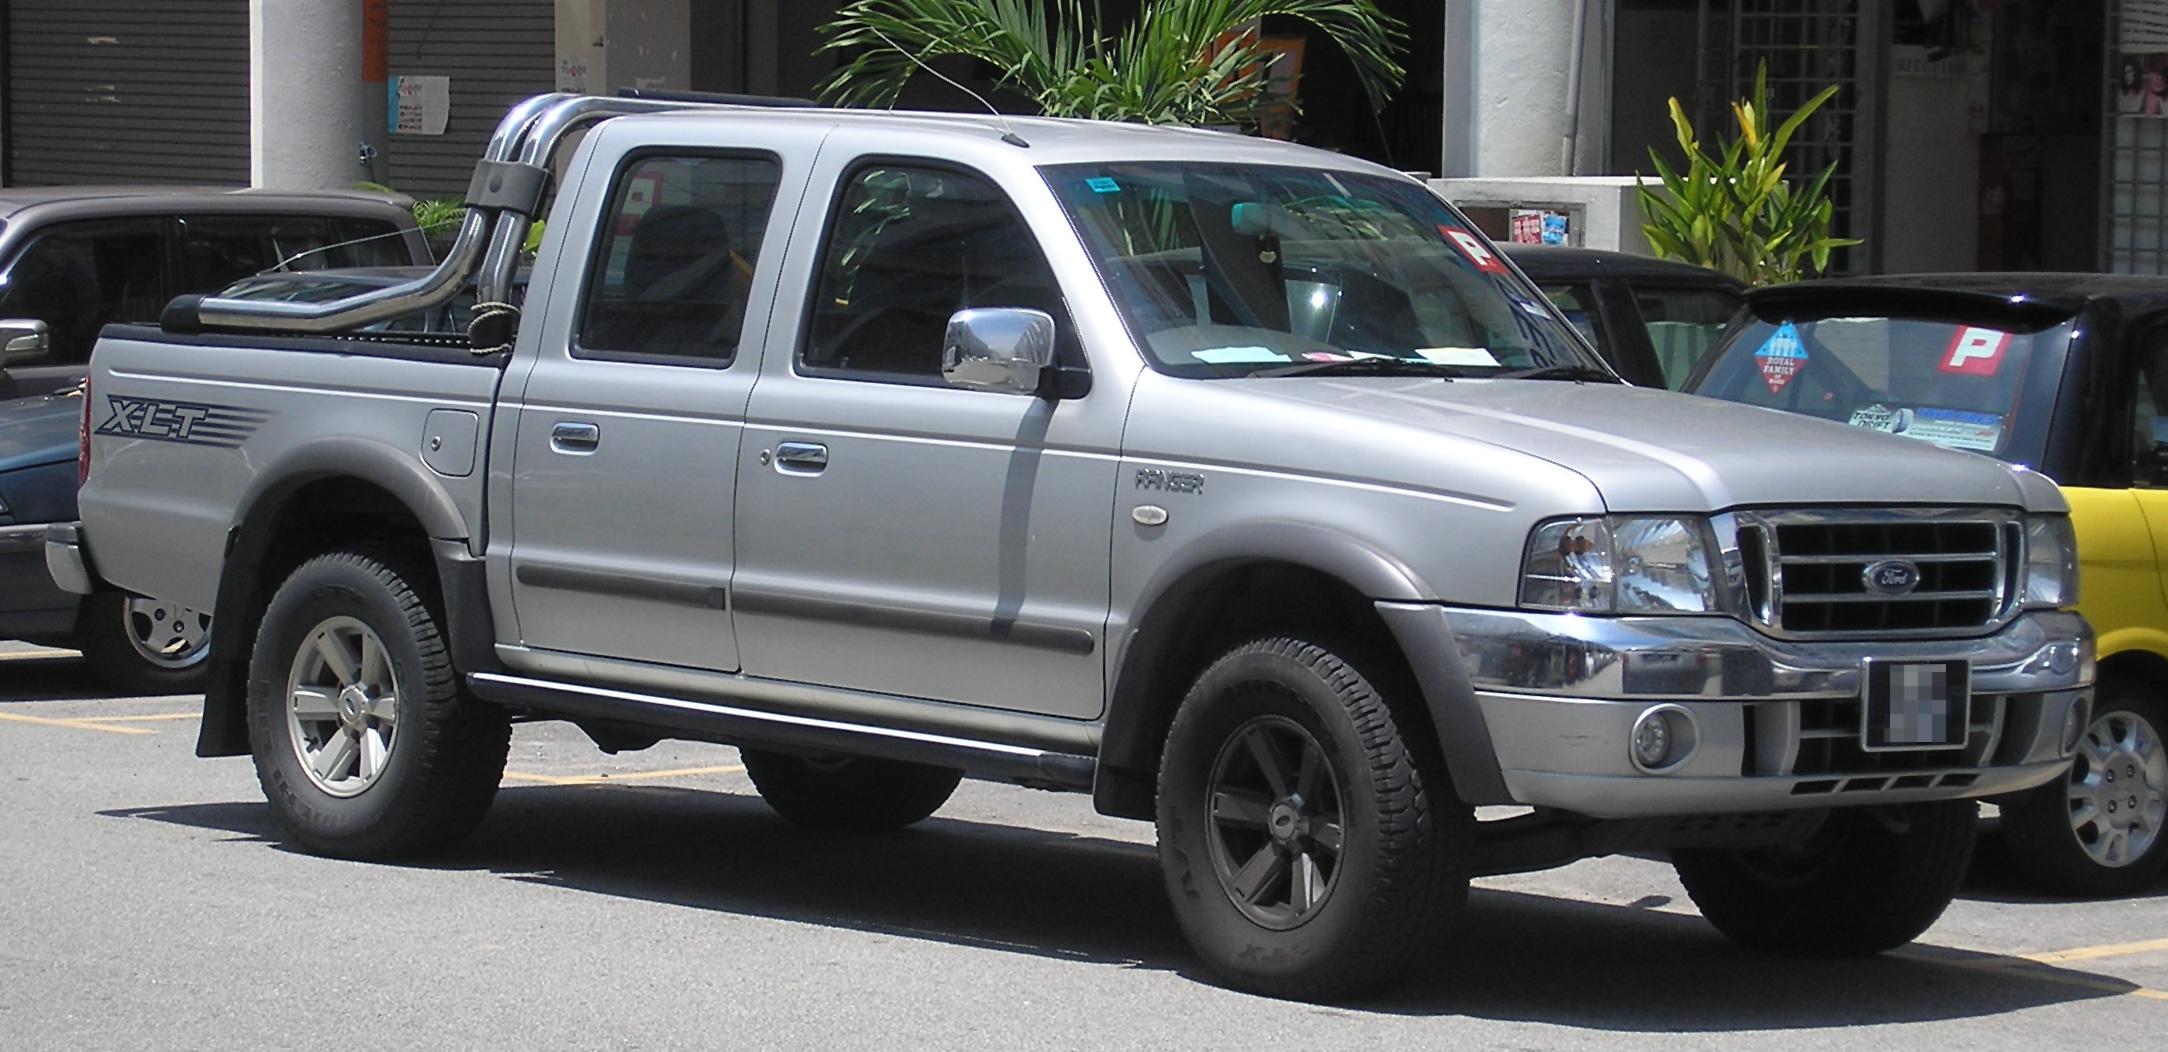 2007 ford ranger image 10